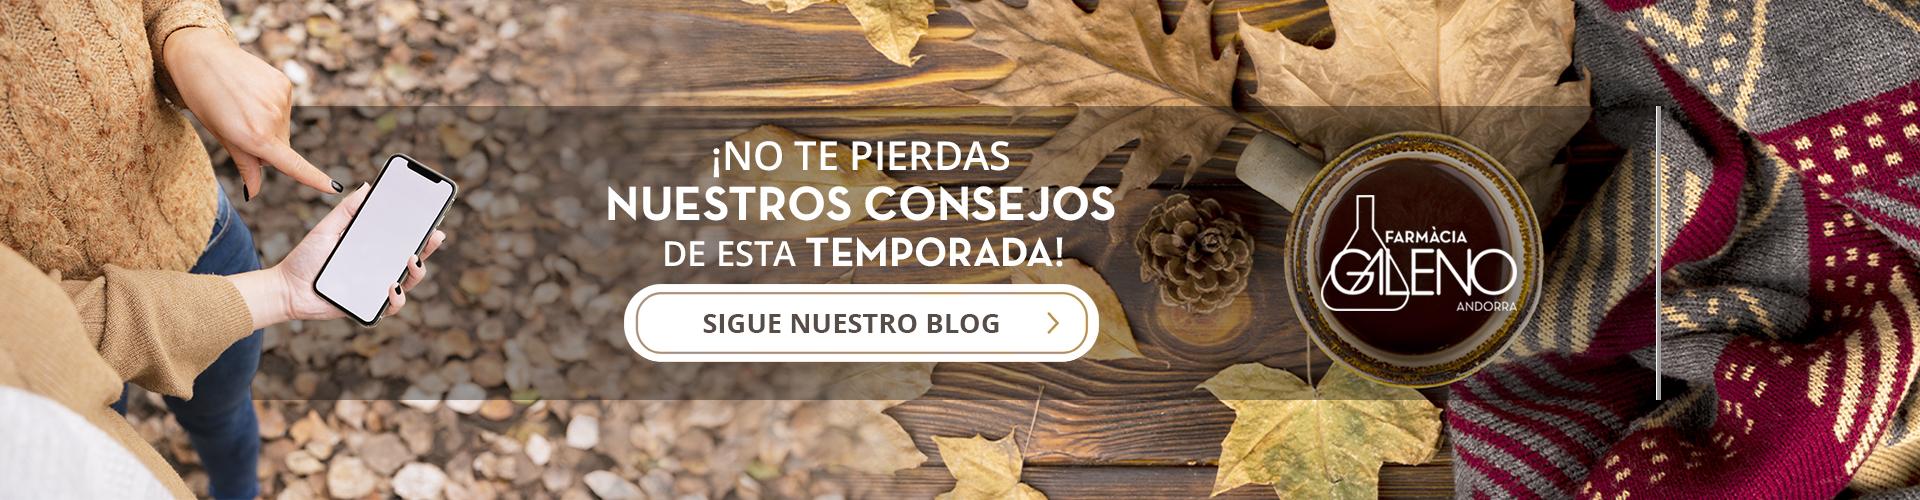 ¡Los consejos de otoño en nuestro blog!